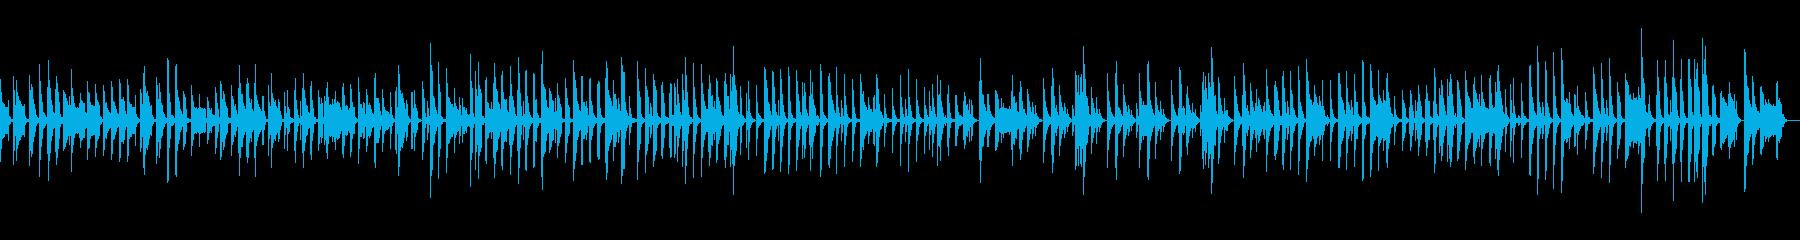 「ニャー」音を使ったちょっぴり間抜けな曲の再生済みの波形